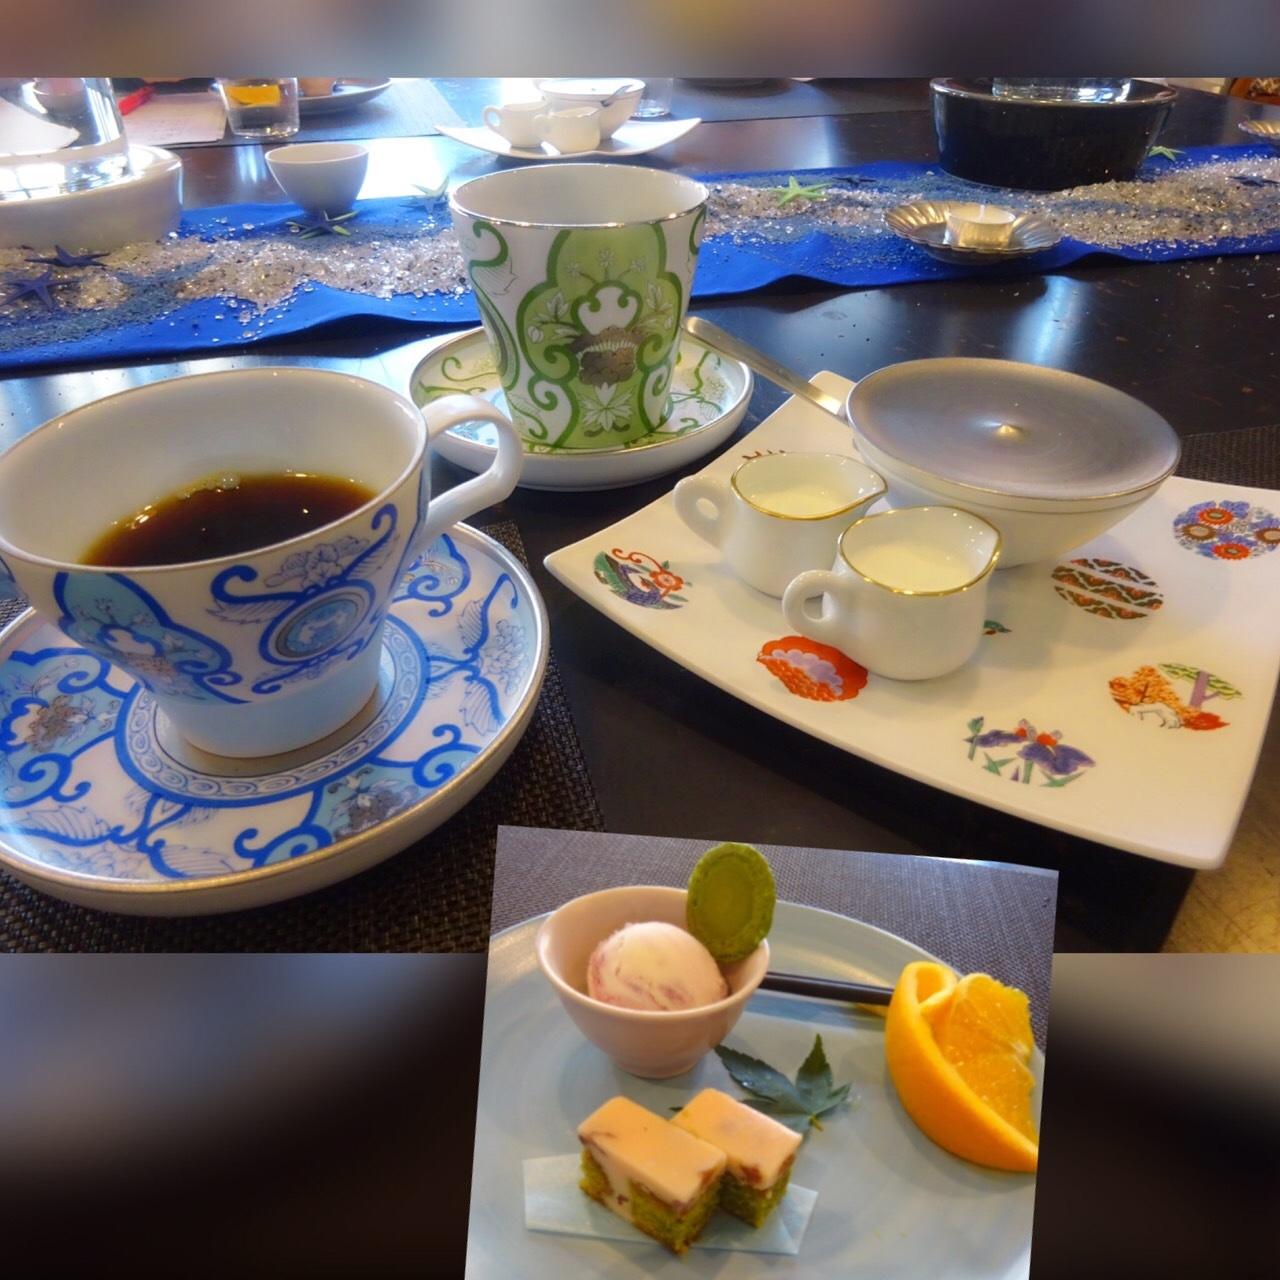 夏のテーブルコーディネートセミナー(アリタポーセリンラボ旗艦店)_c0366777_00540803.jpg